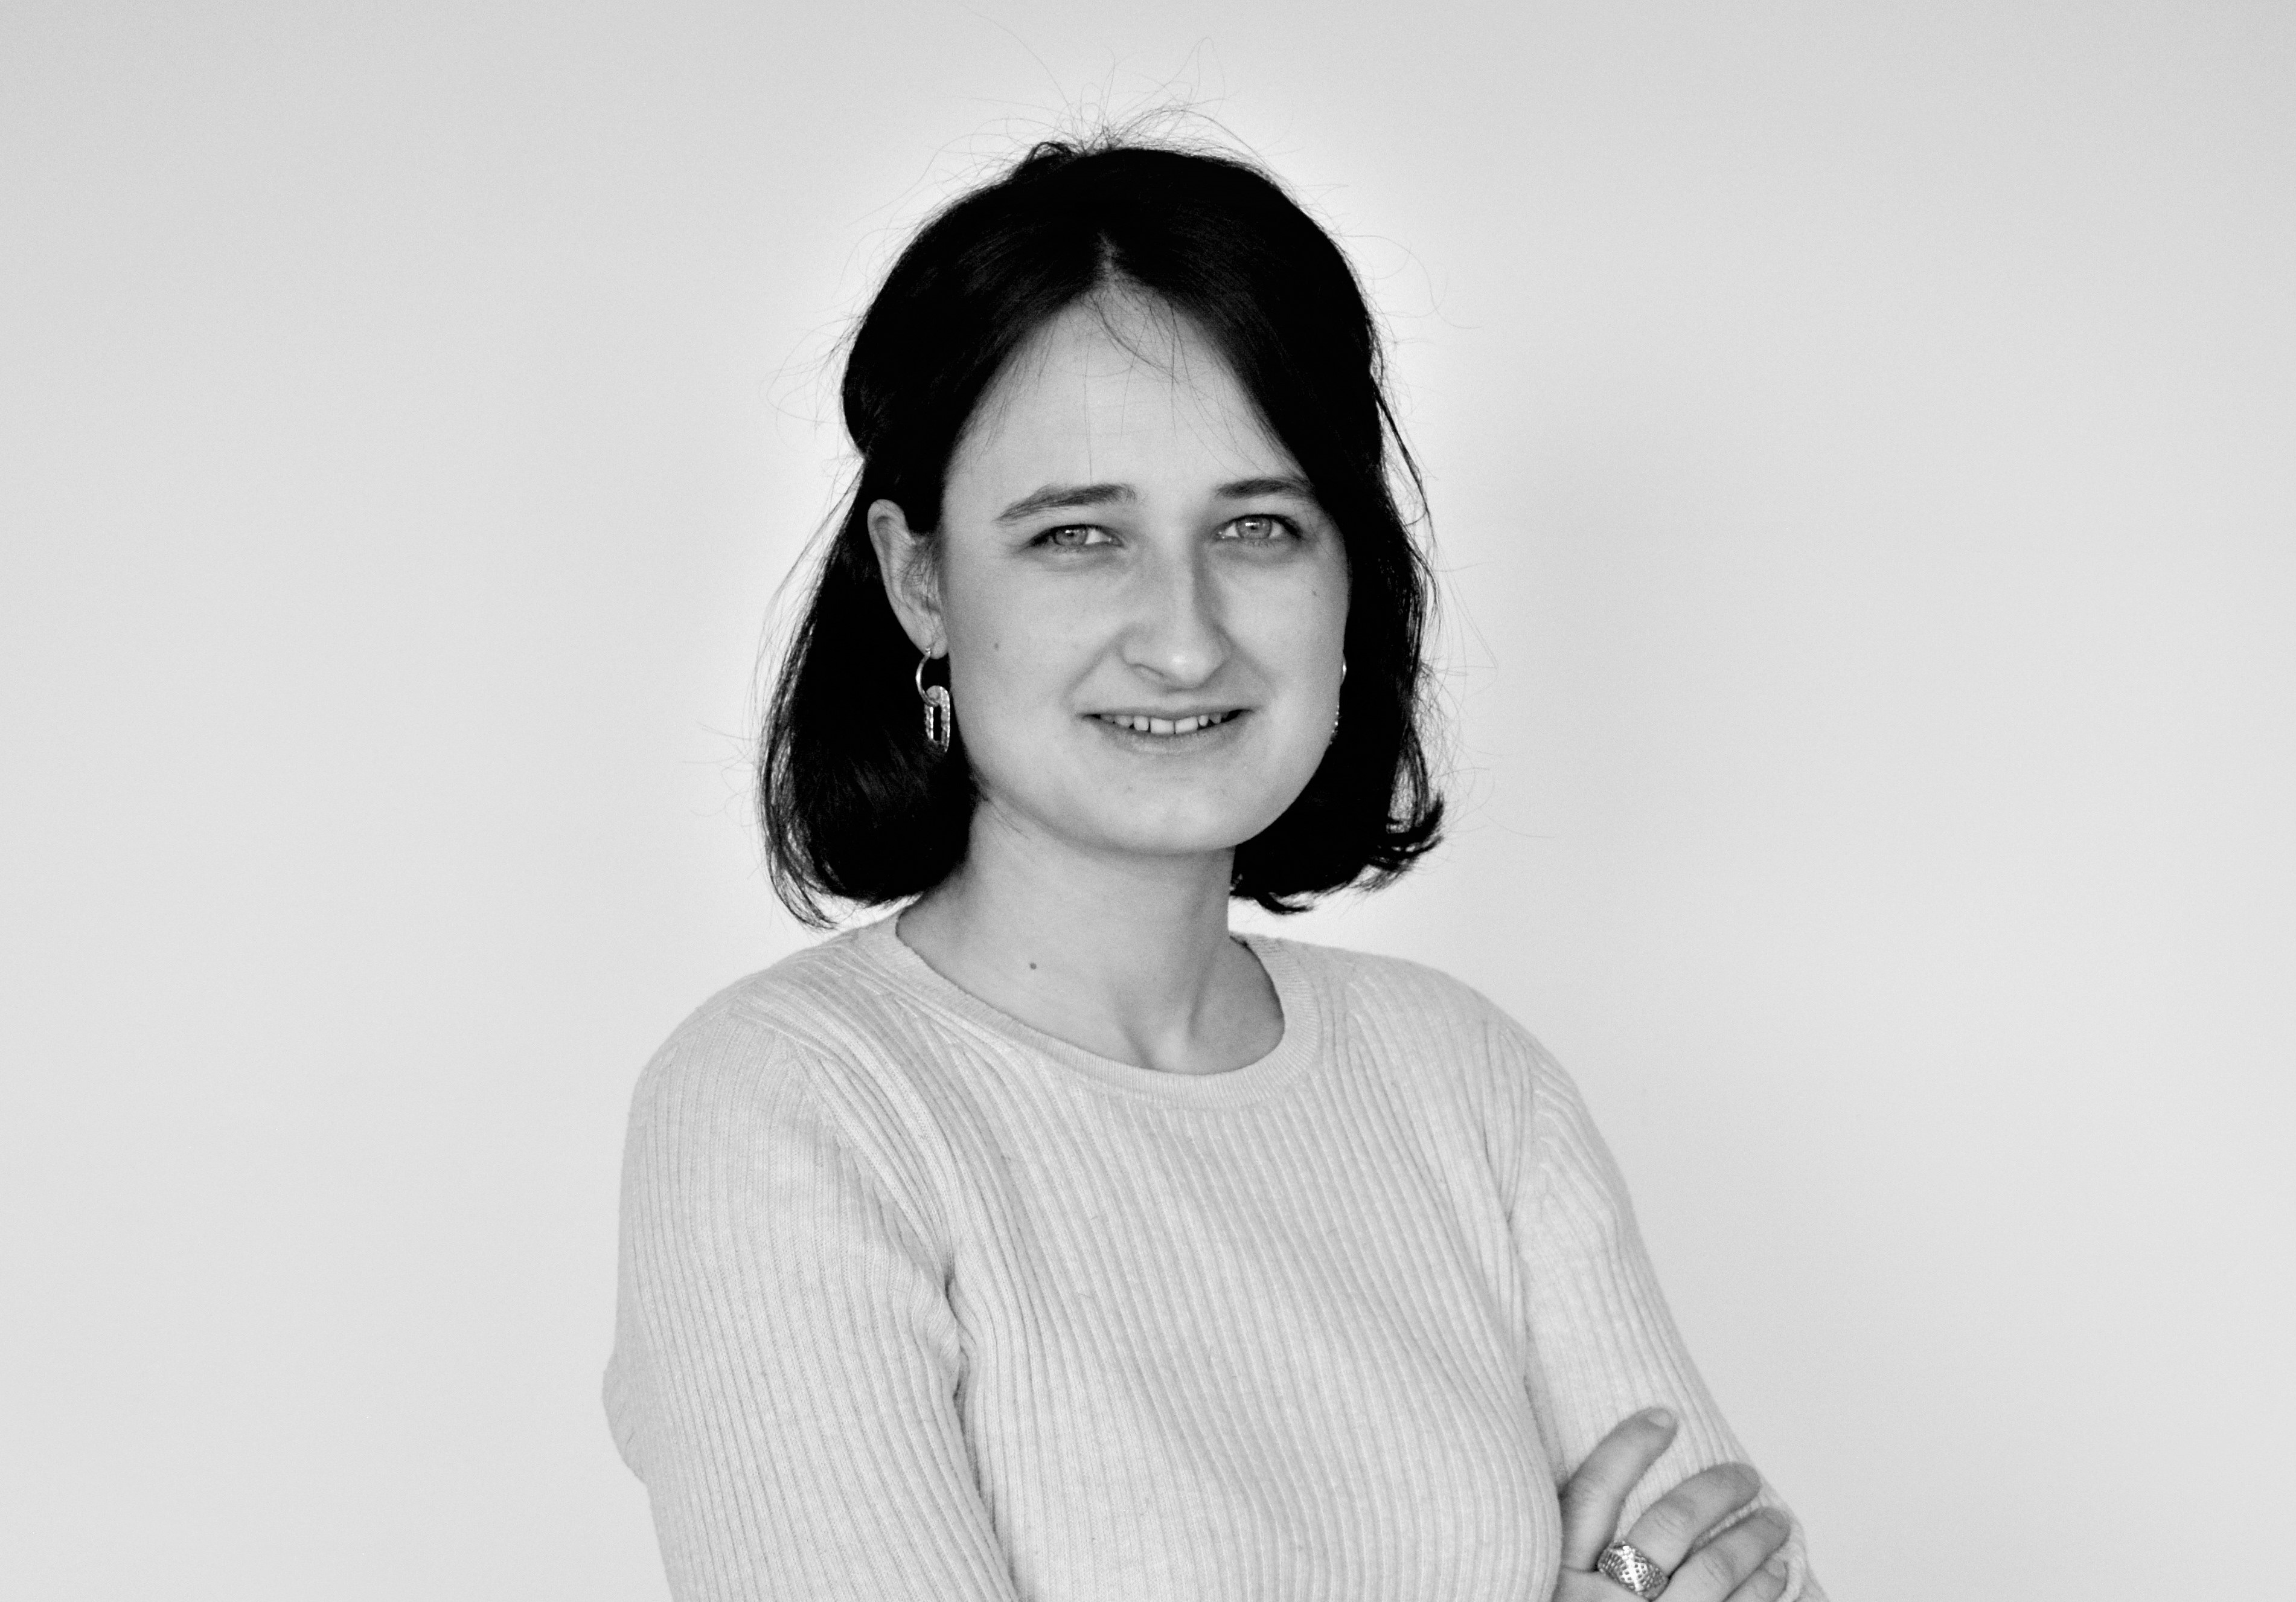 Juliette Pouyé